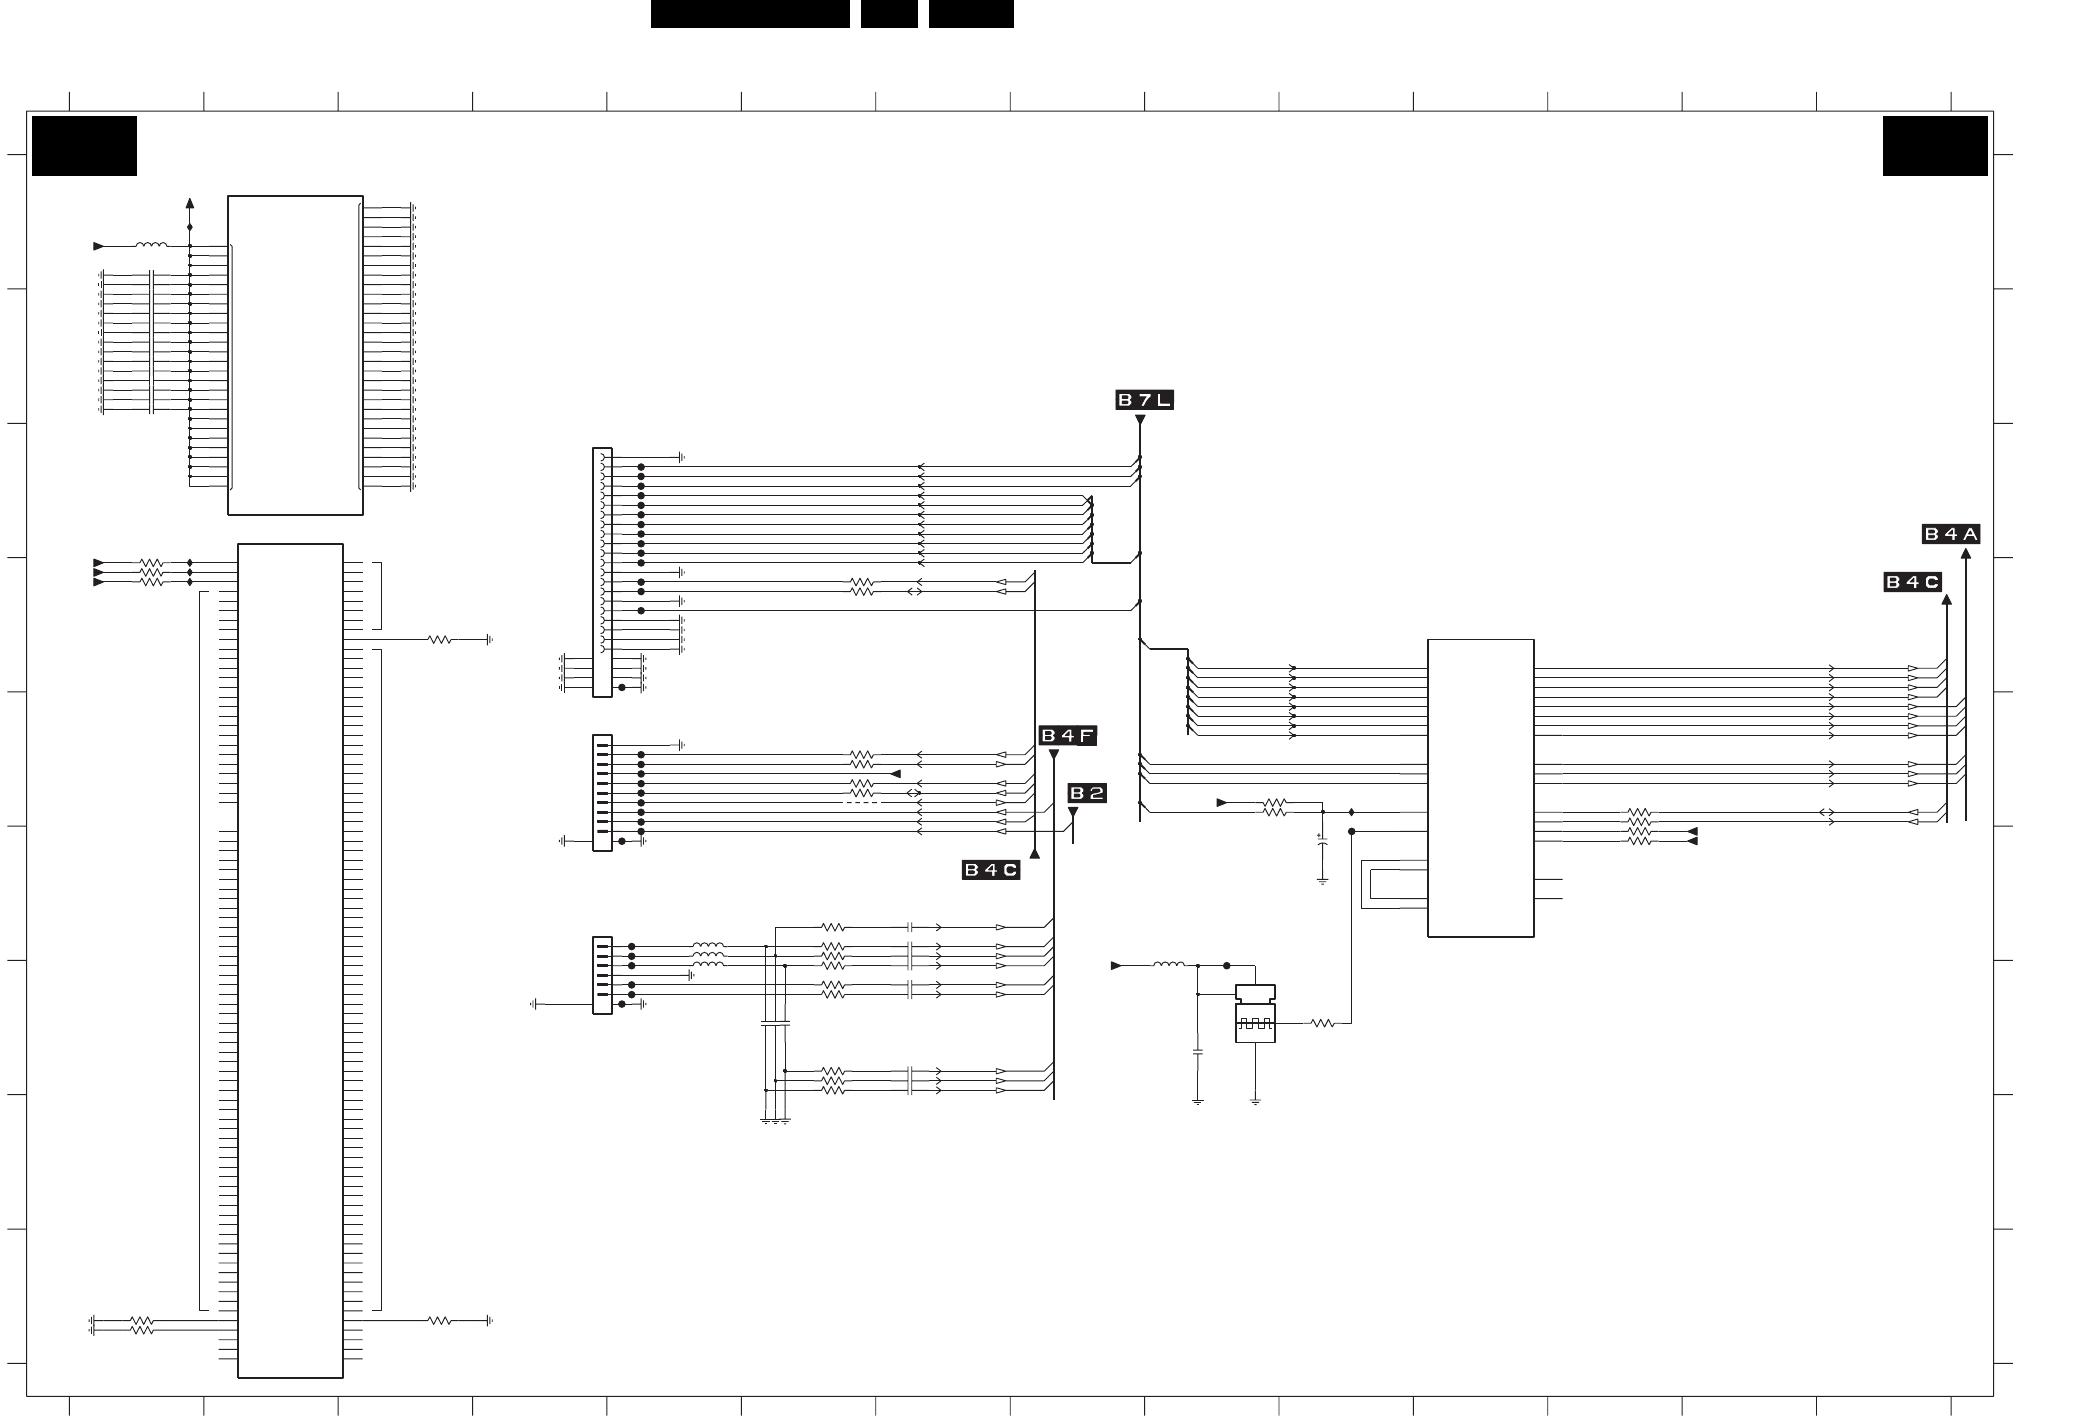 IPS PART j|icf-3e88/Pollen Filter